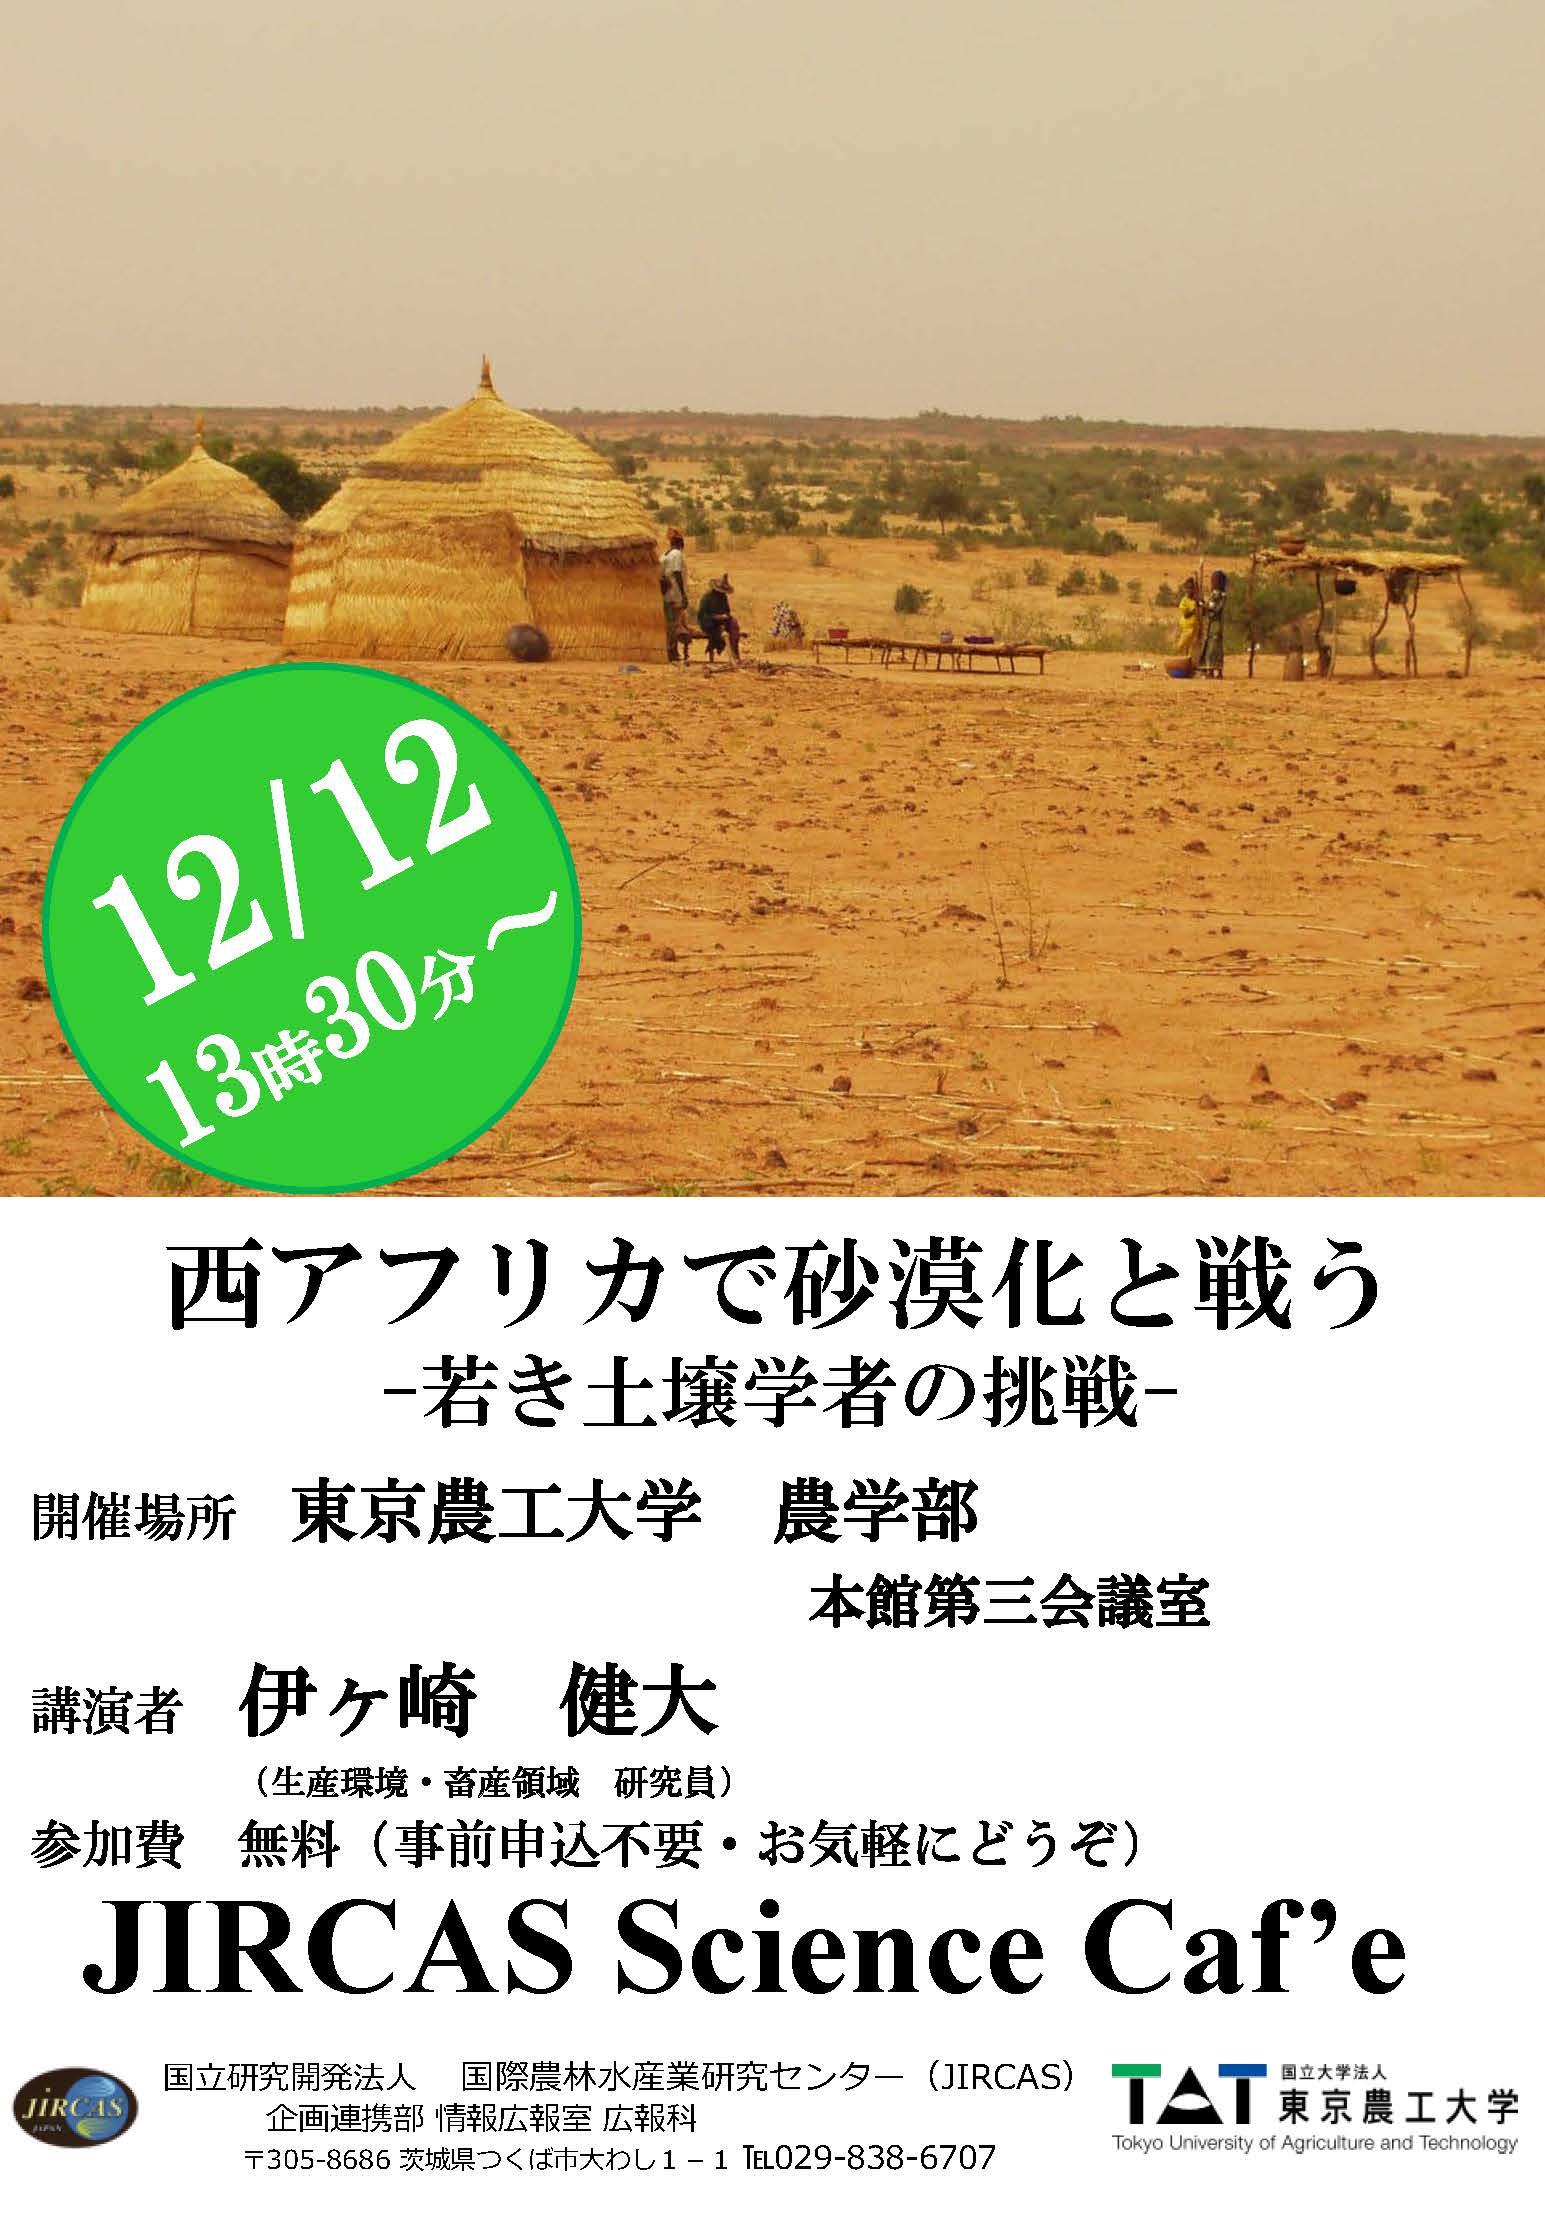 JIRCAS第12回サイエンスカフェ「西アフリカで砂漠化と戦う -若き土壌学者の挑戦-」ポスター